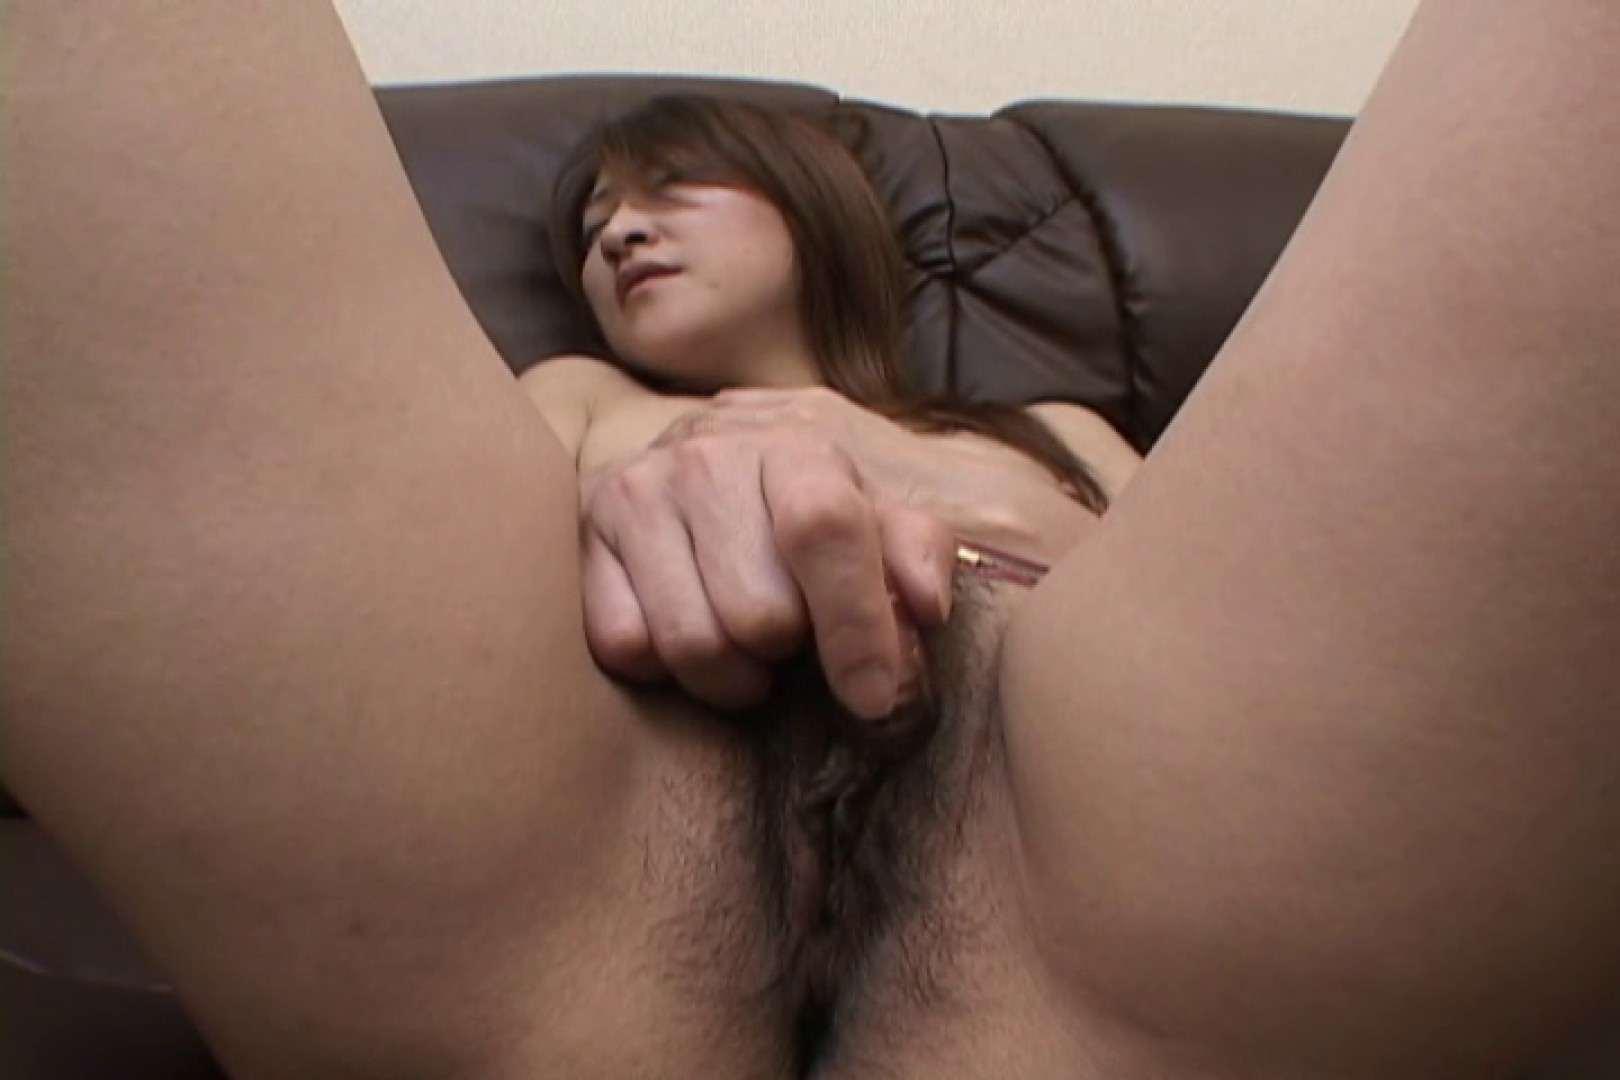 オナニー好きの綺麗なお姉さんと楽しくSEX~姫野あかね~ フェラ アダルト動画キャプチャ 105連発 98